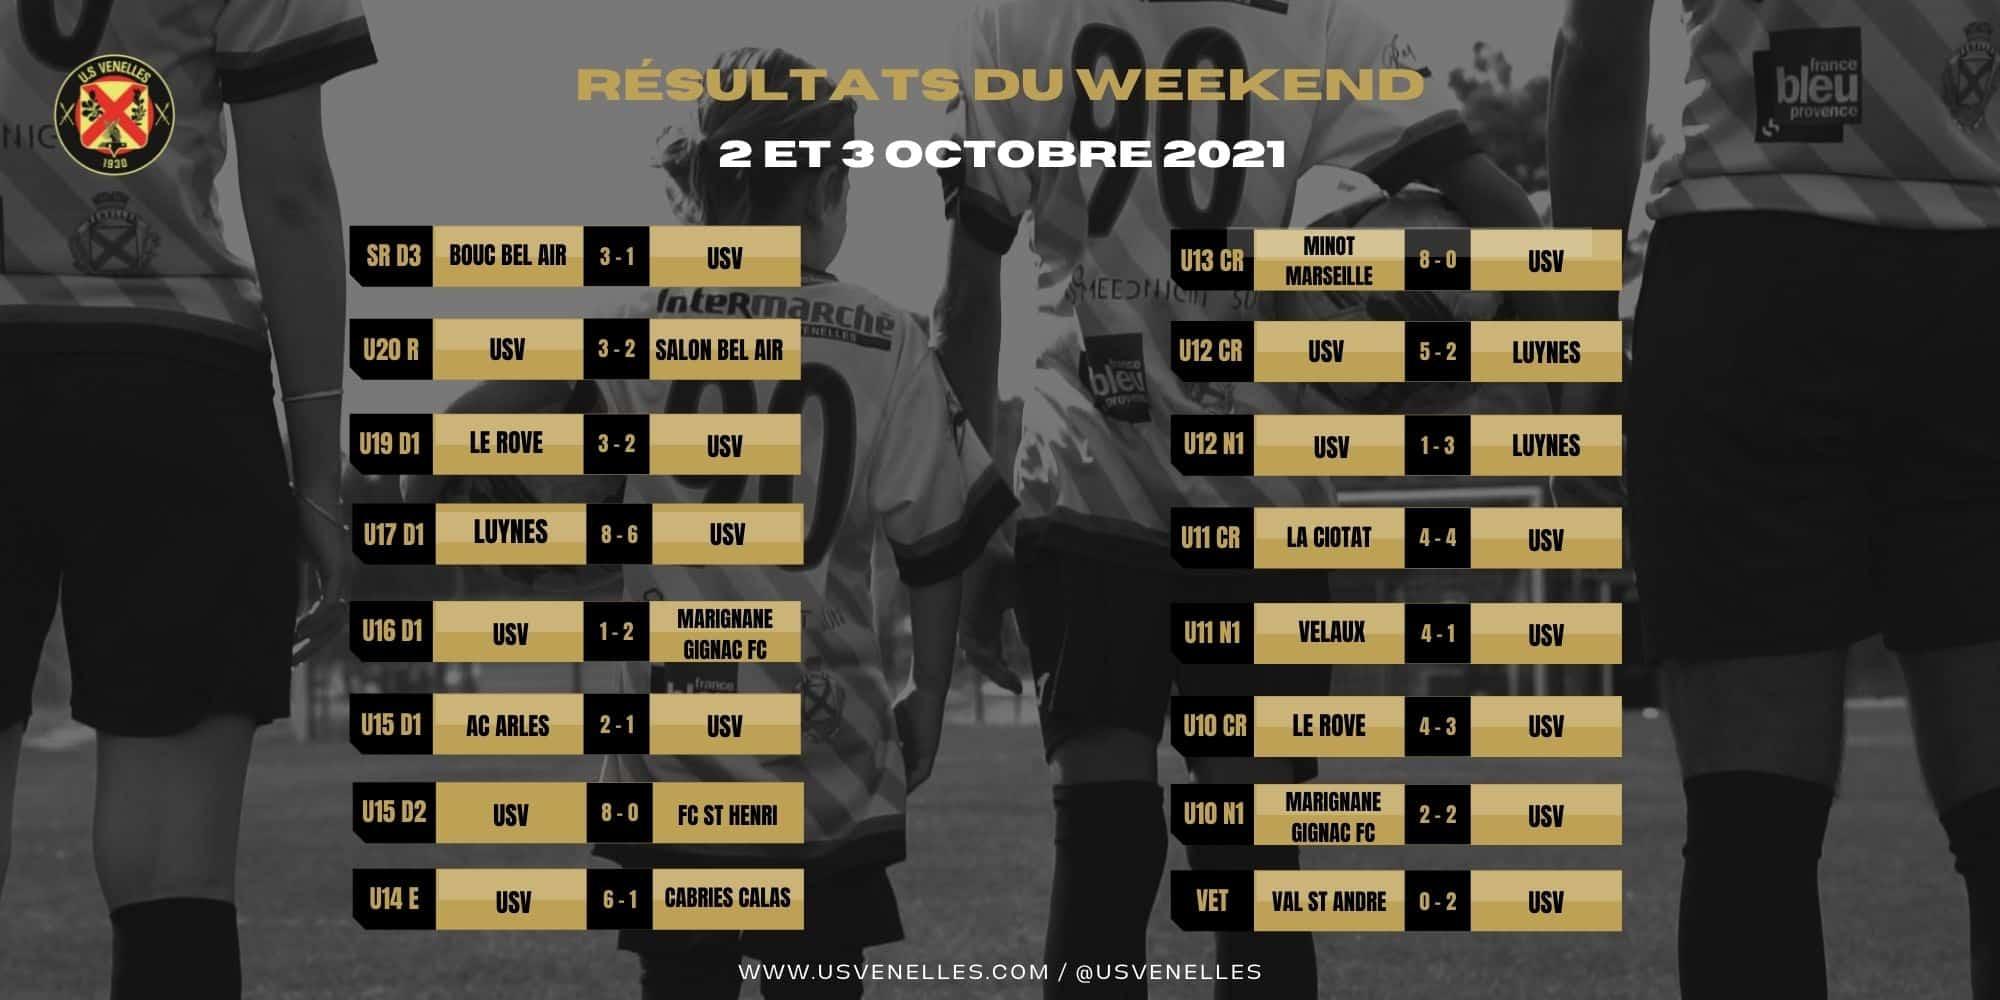 Résultats du weekend (2 et 3 Octobre) - USV